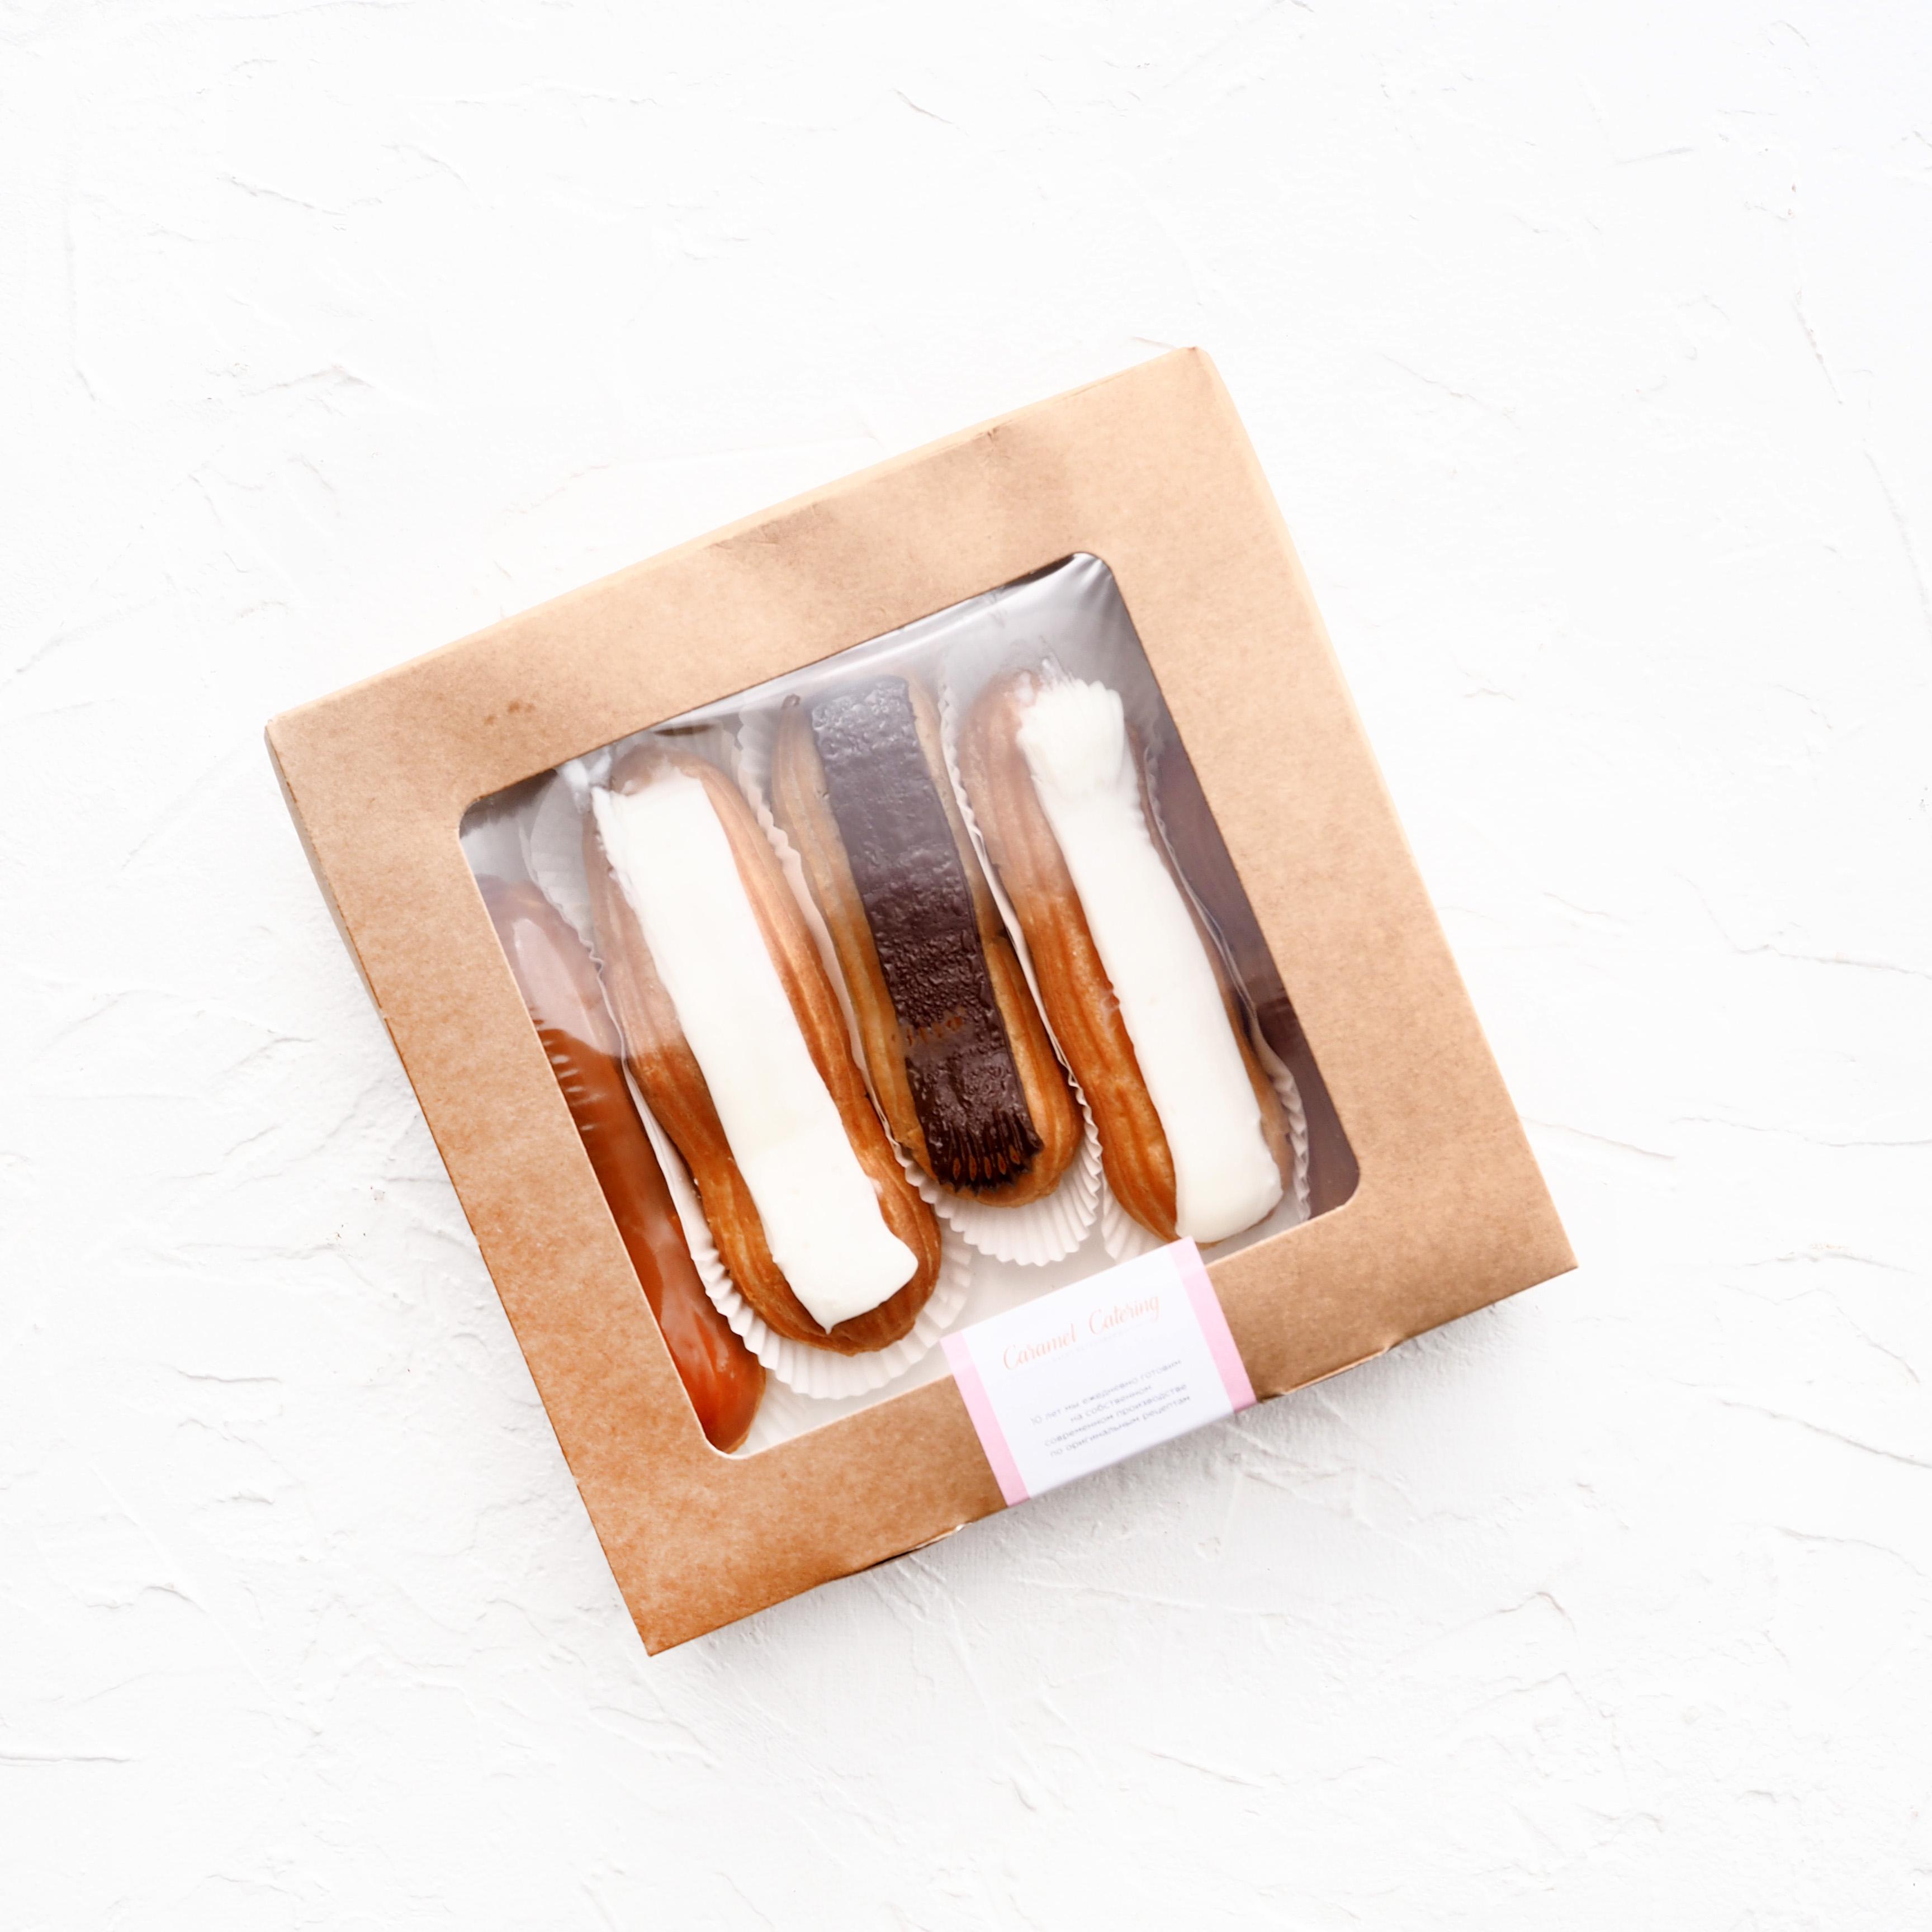 Набор замороженных эклеров (5 шт., 300 г)